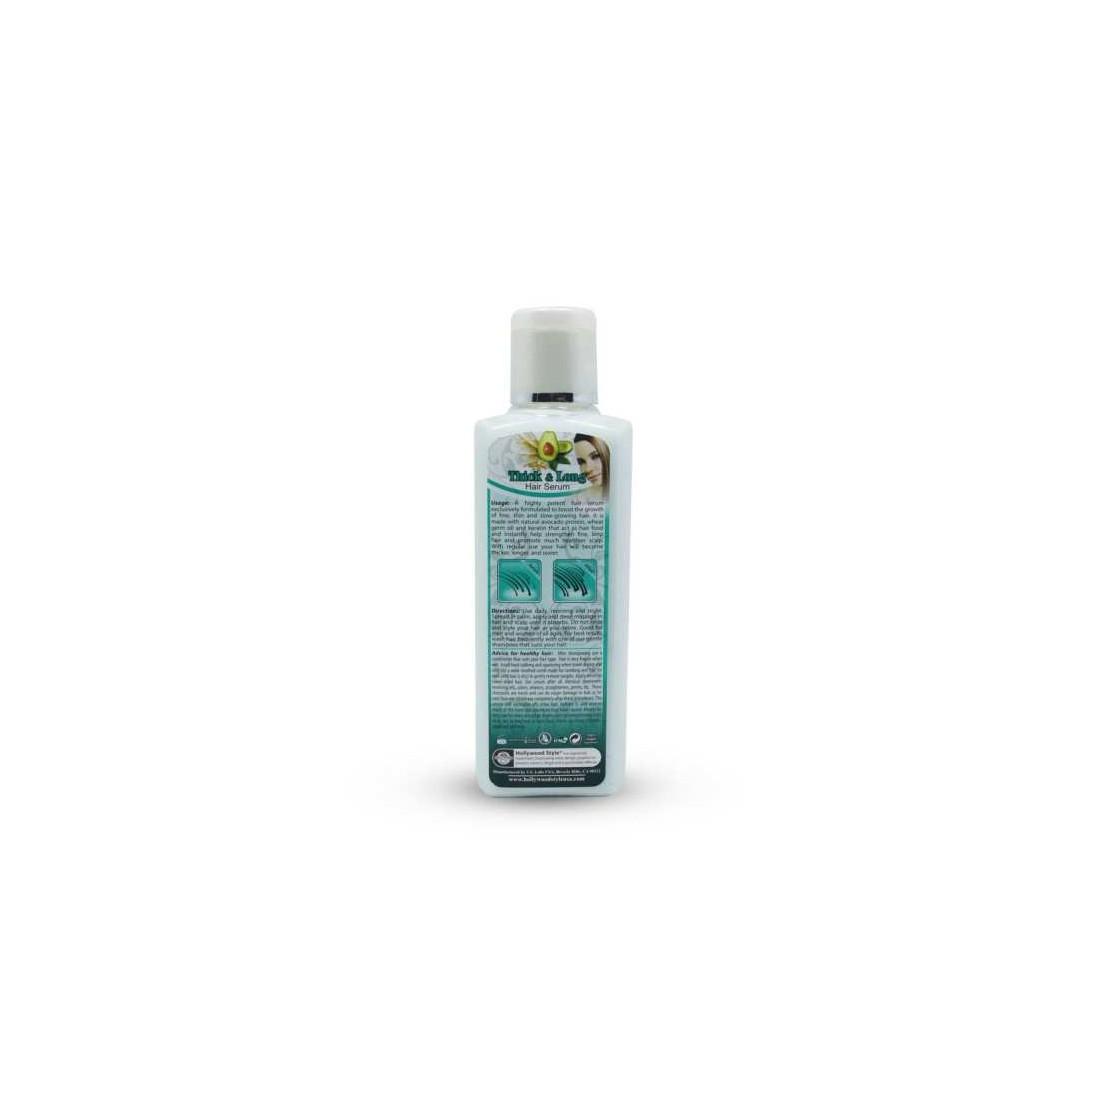 Serum dưỡng tóc dày và dài (Thick&Long Hair Serum)-Thế giới đồ